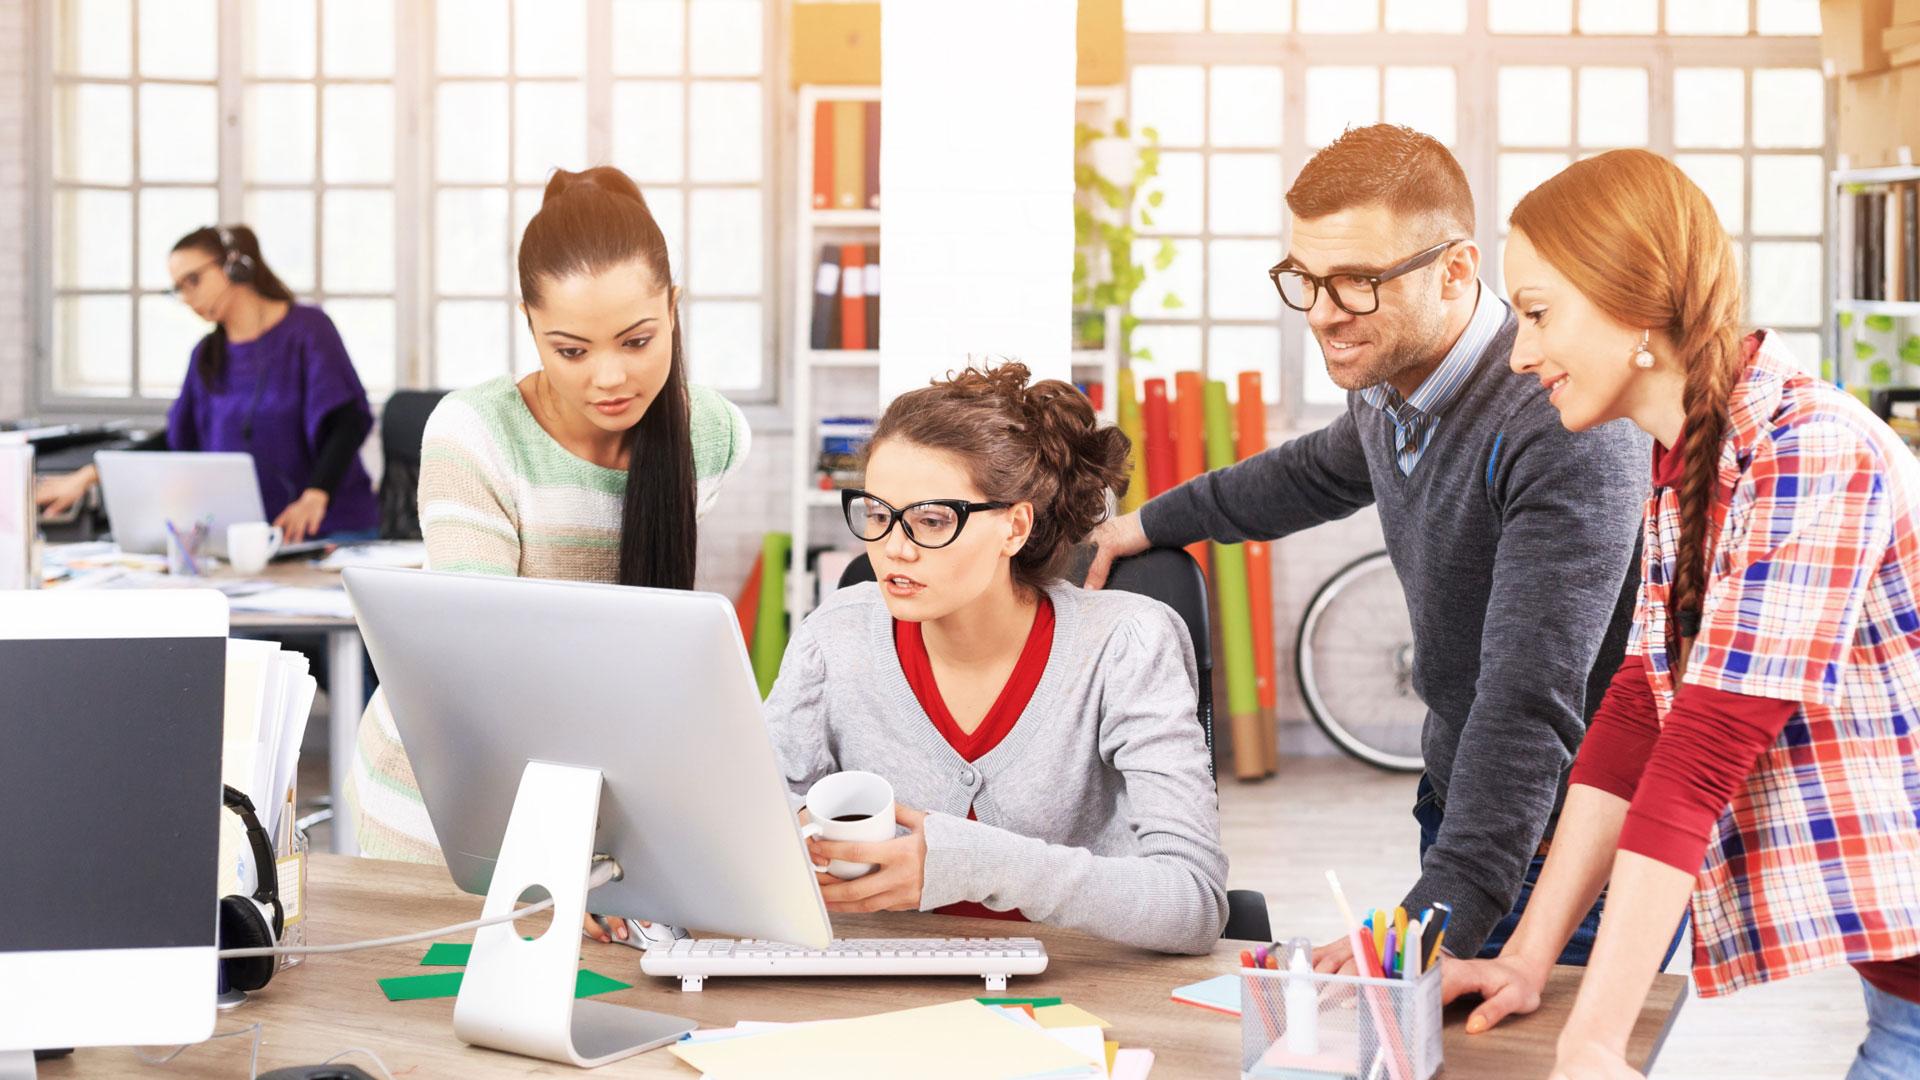 Habilidades más valoradas por los empleadores